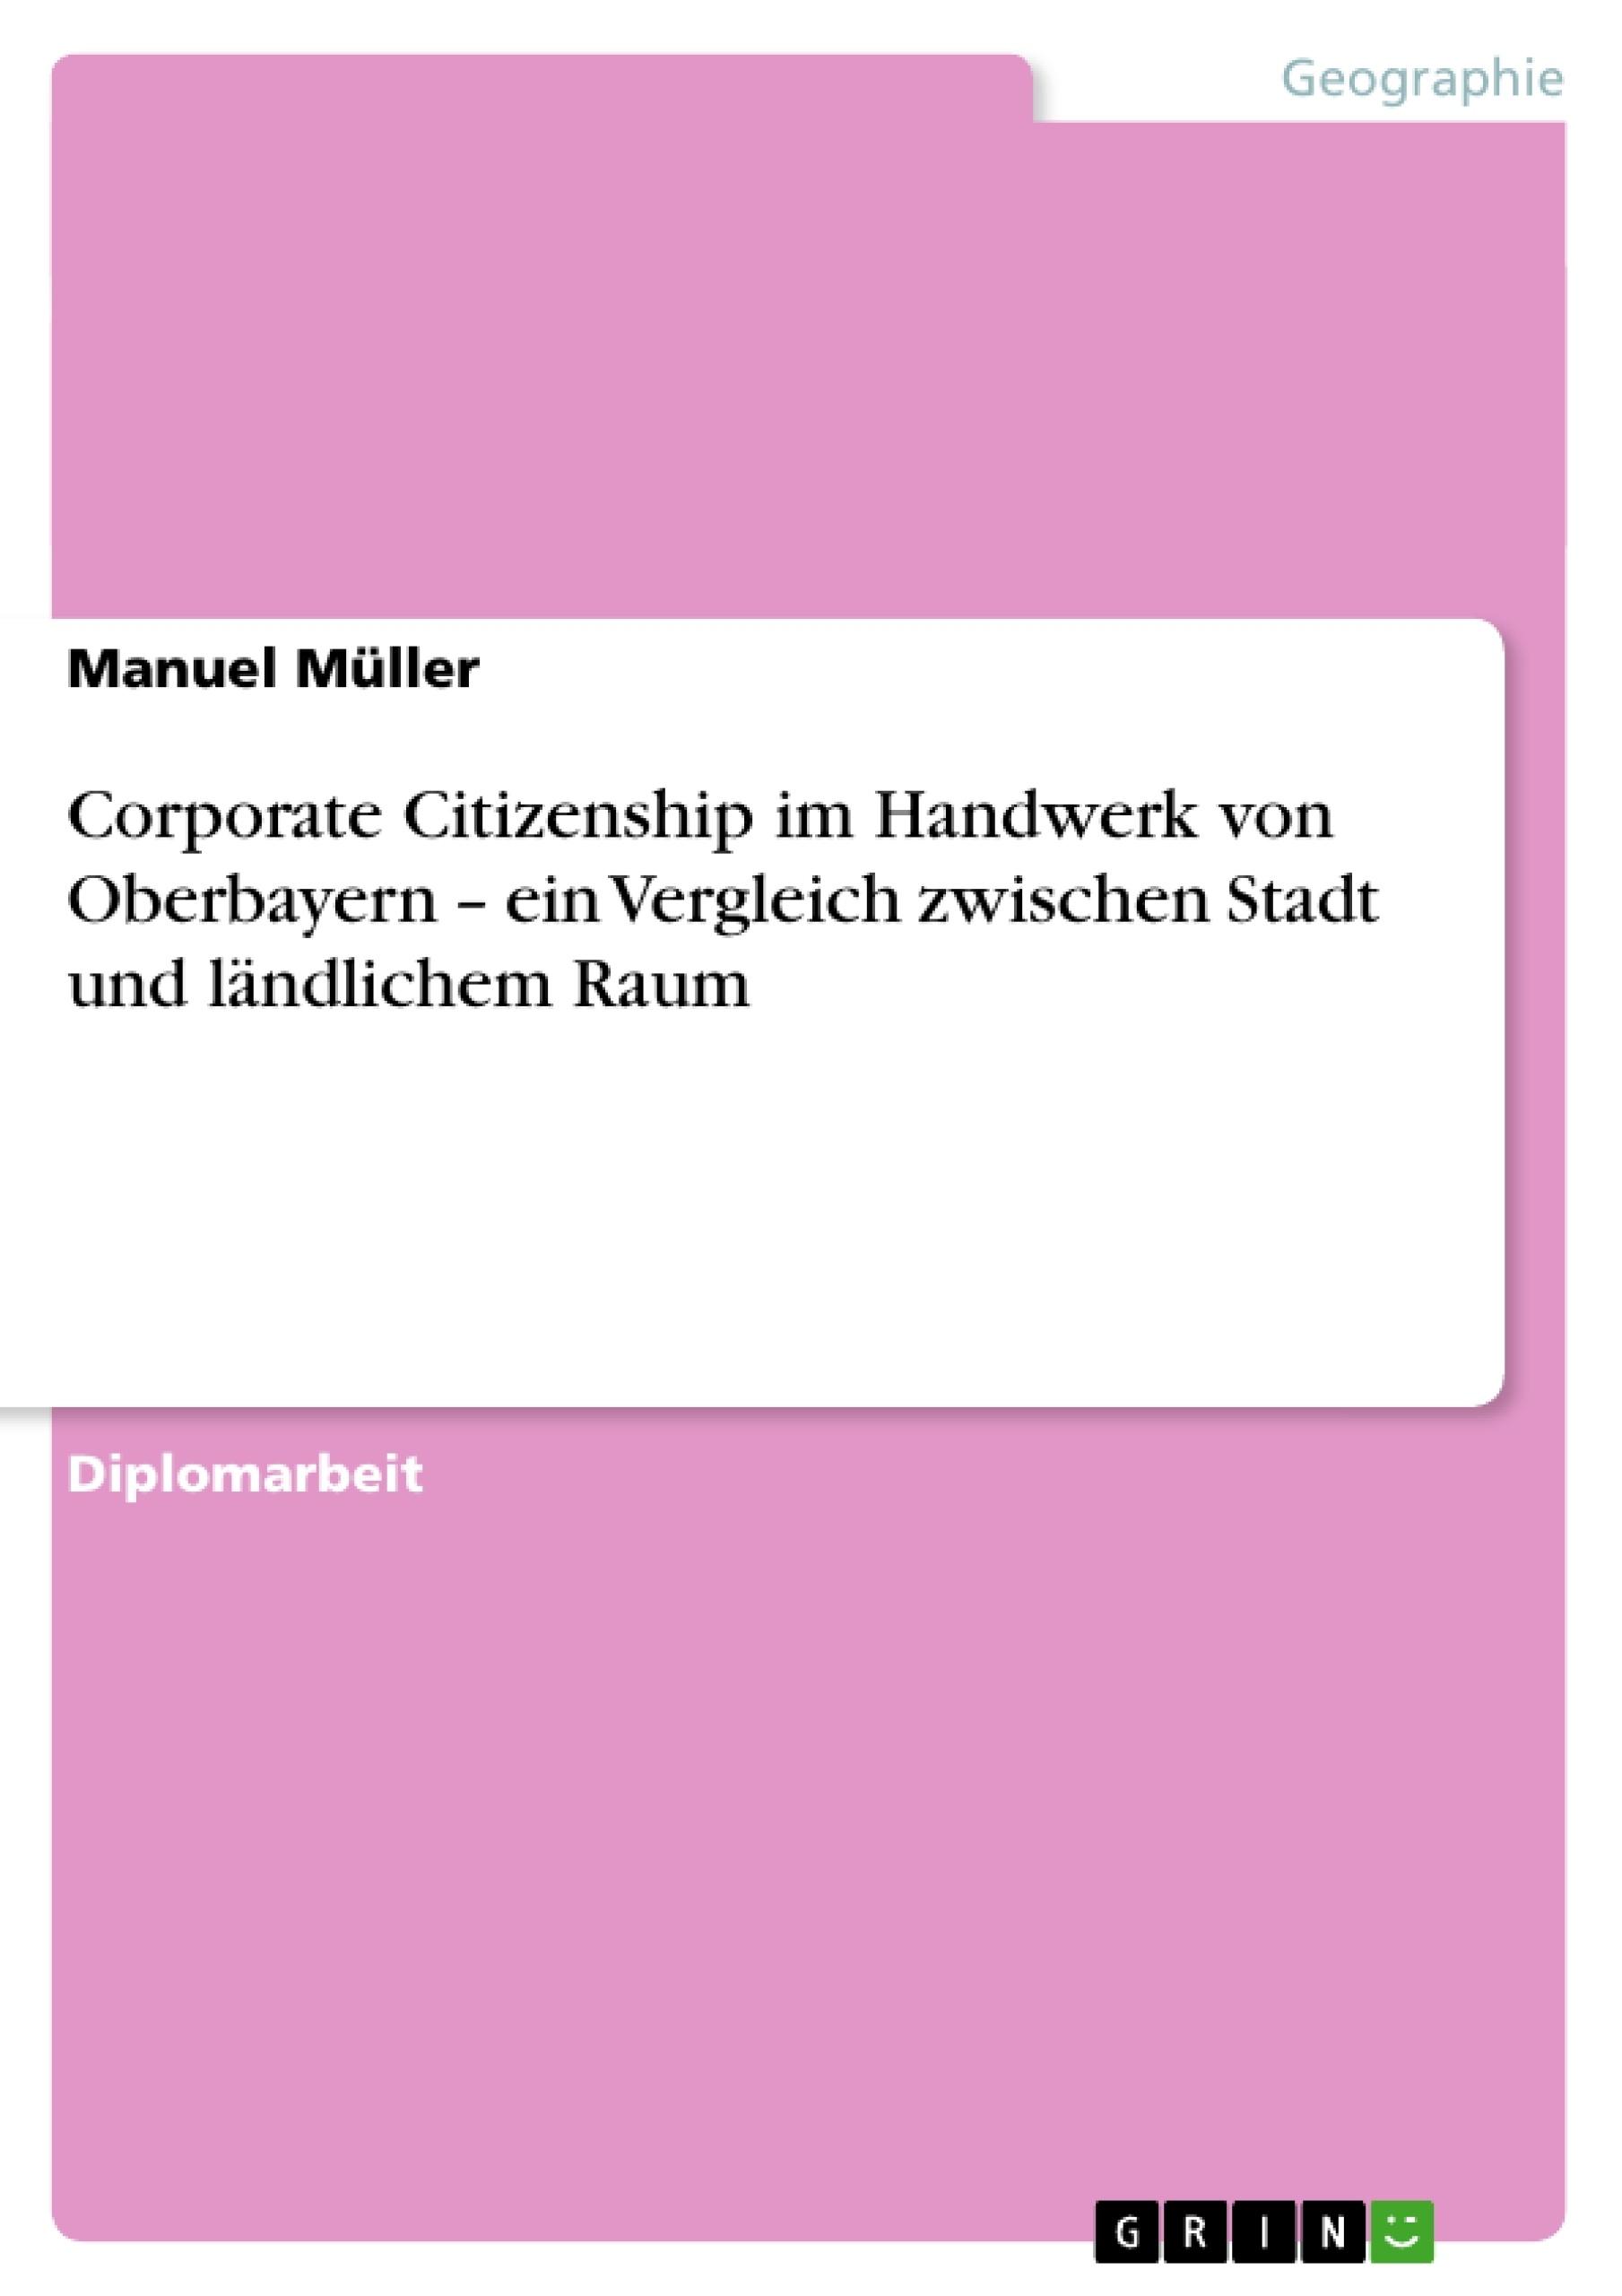 Titel: Corporate Citizenship im Handwerk von Oberbayern – ein Vergleich zwischen Stadt und ländlichem Raum